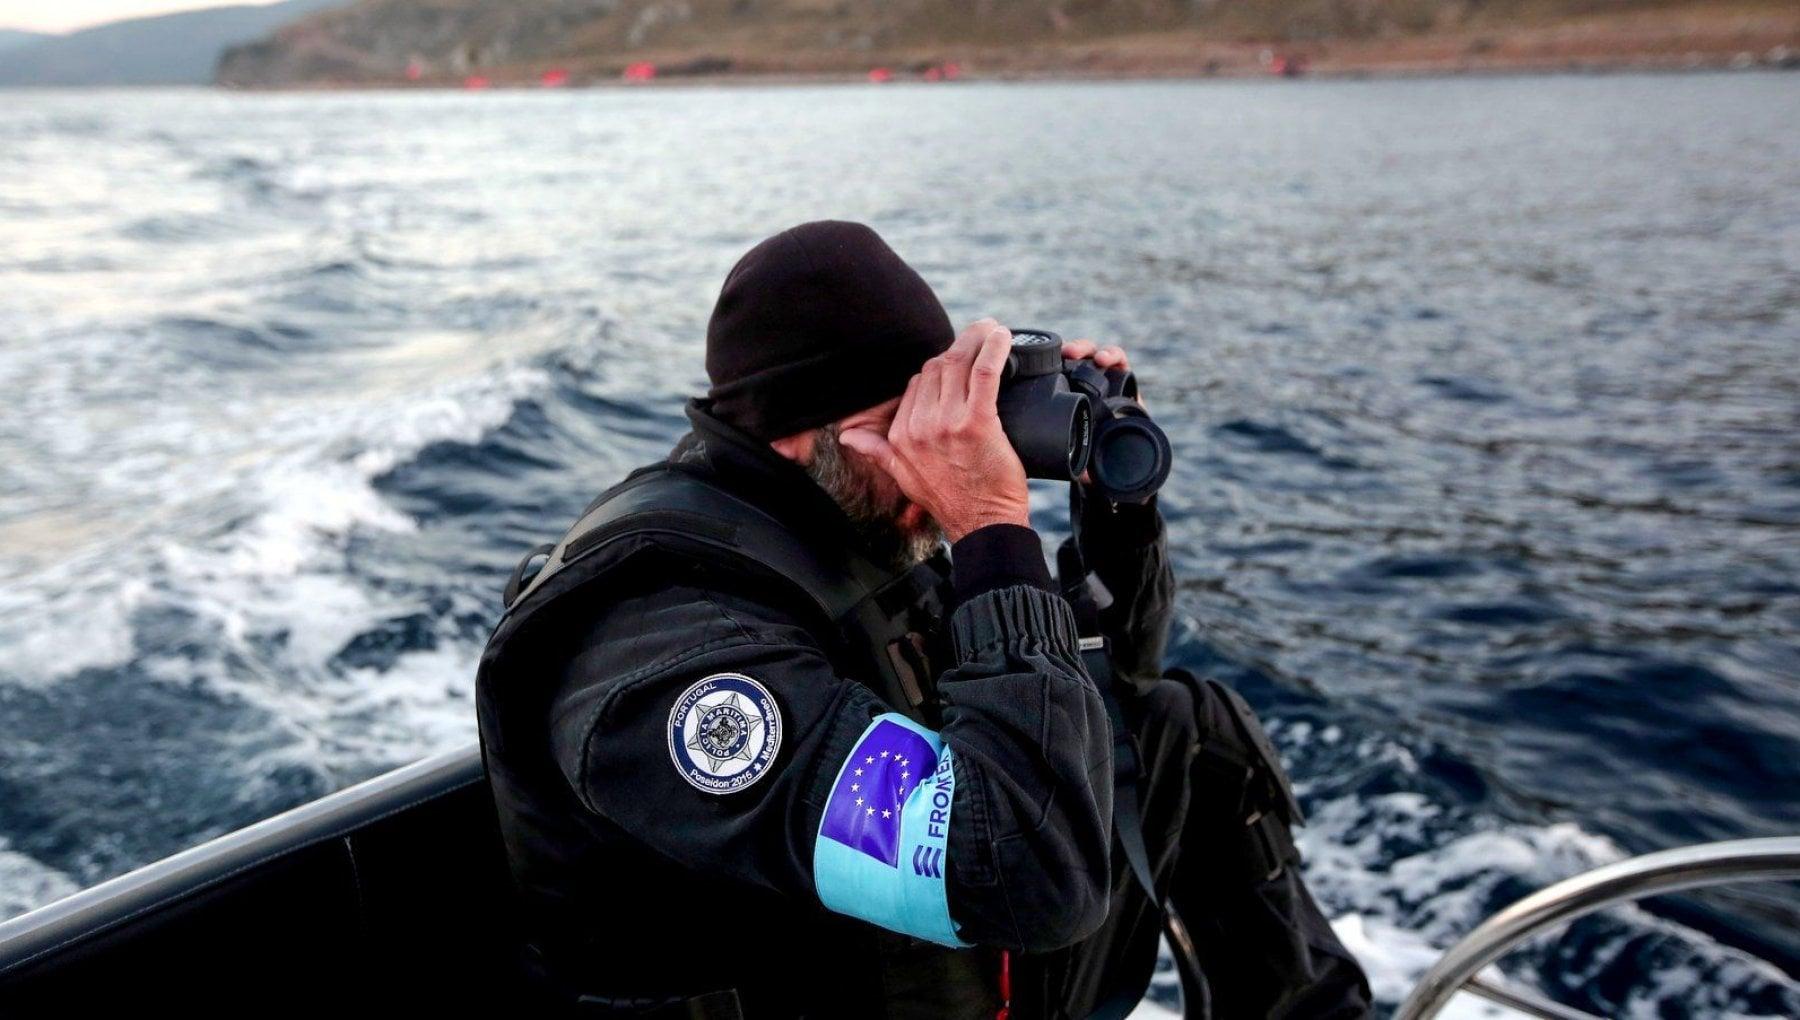 """012058568 2eaafa0c 8748 4f66 862b 4e49e18e689d - Nasce il movimento """"Abolire Frontex"""": ong e attivisti contro l'Agenzia accusata di violare i diritti umani"""